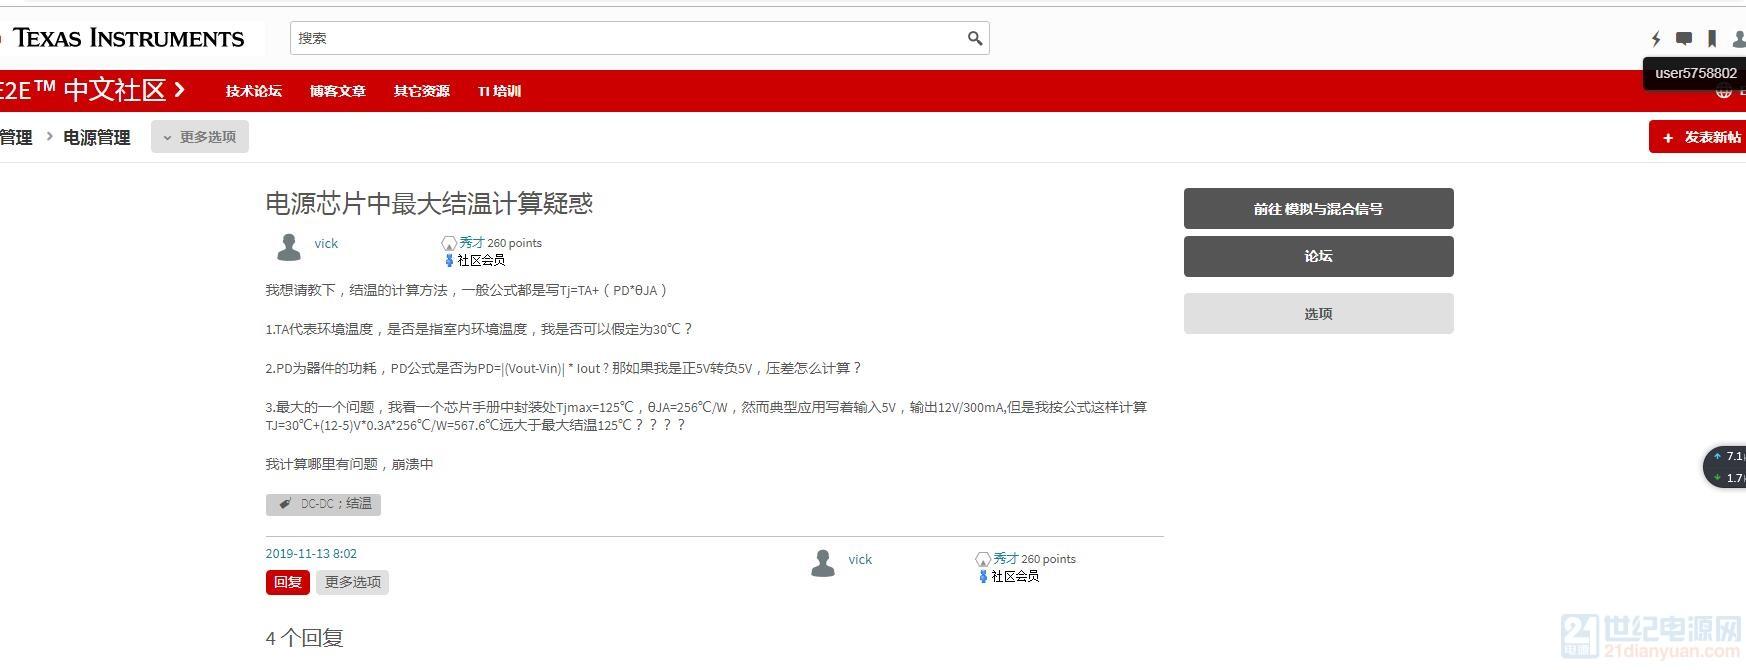 1TI中文社区.jpg